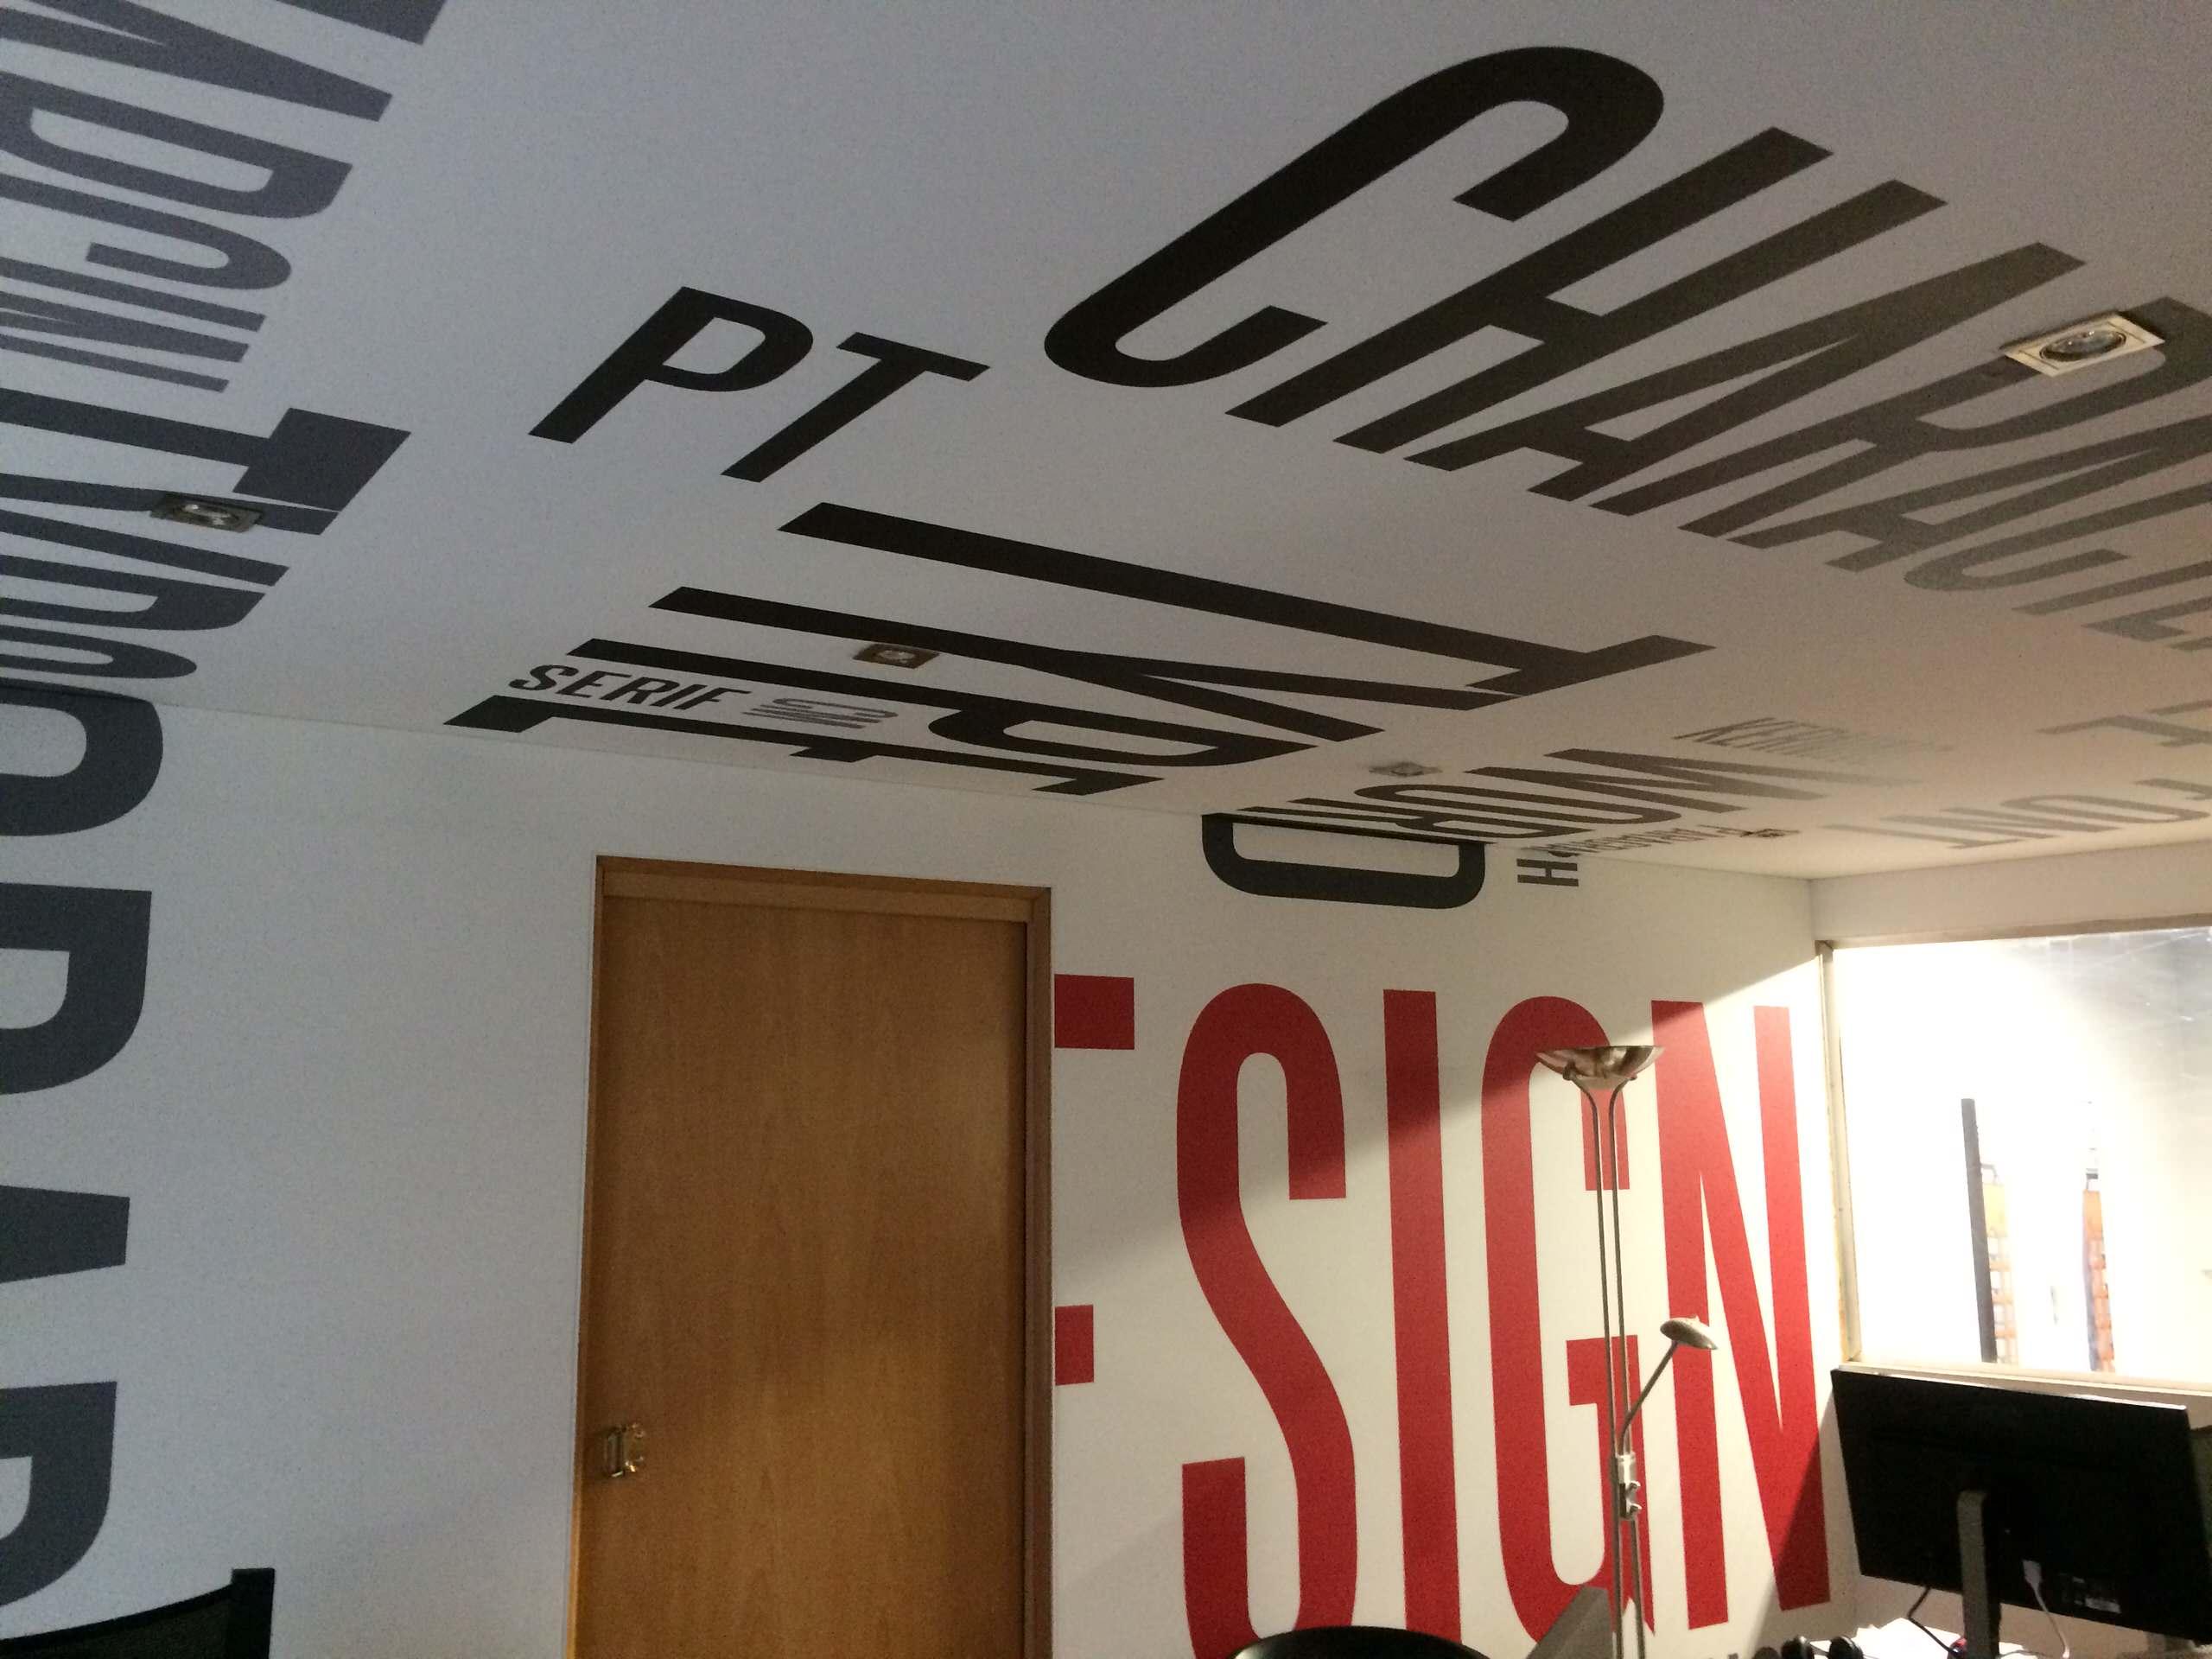 Communication visuelle et signalétique pour hôtel, restaurant, salle de réunion,